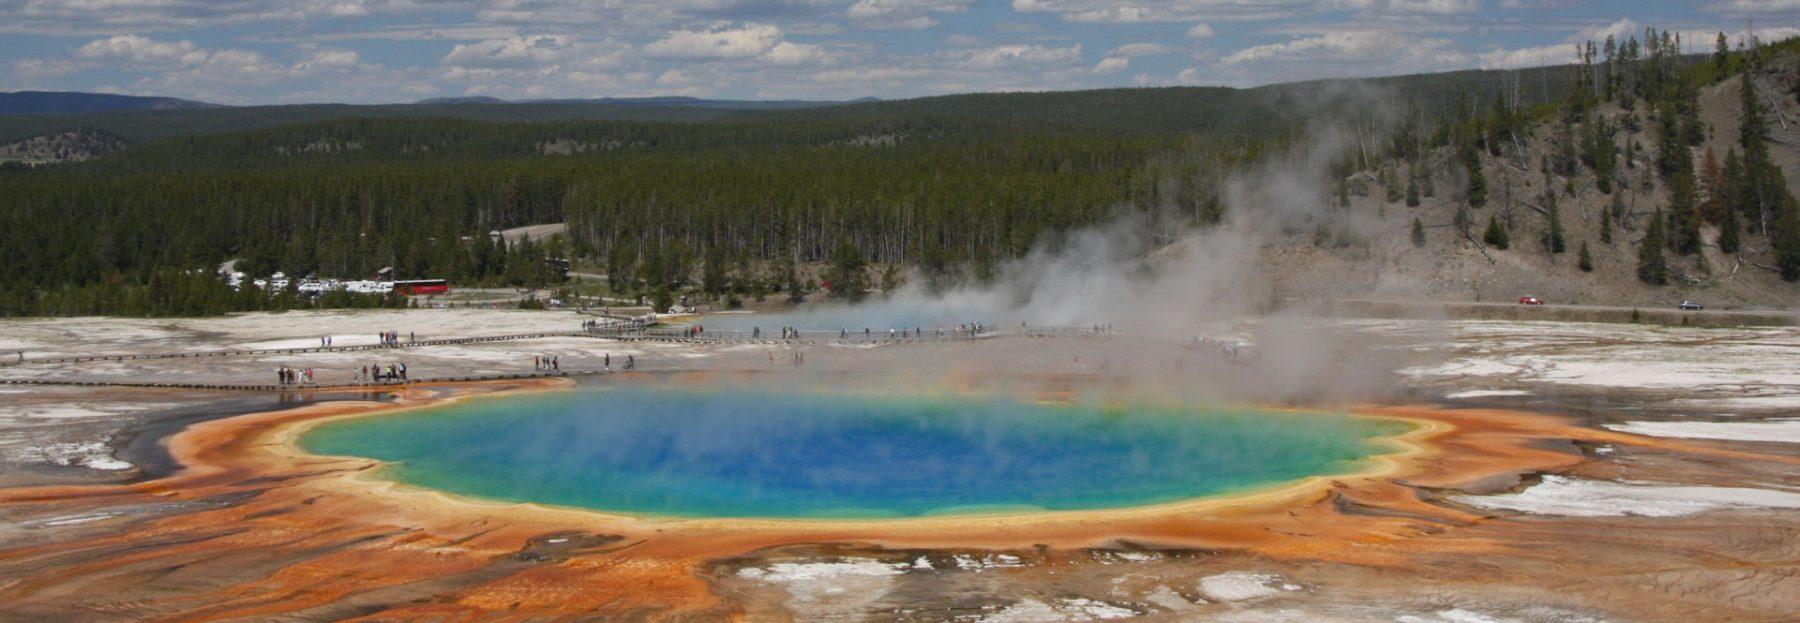 Viaggio nella Real America Yellowstone Landing Page